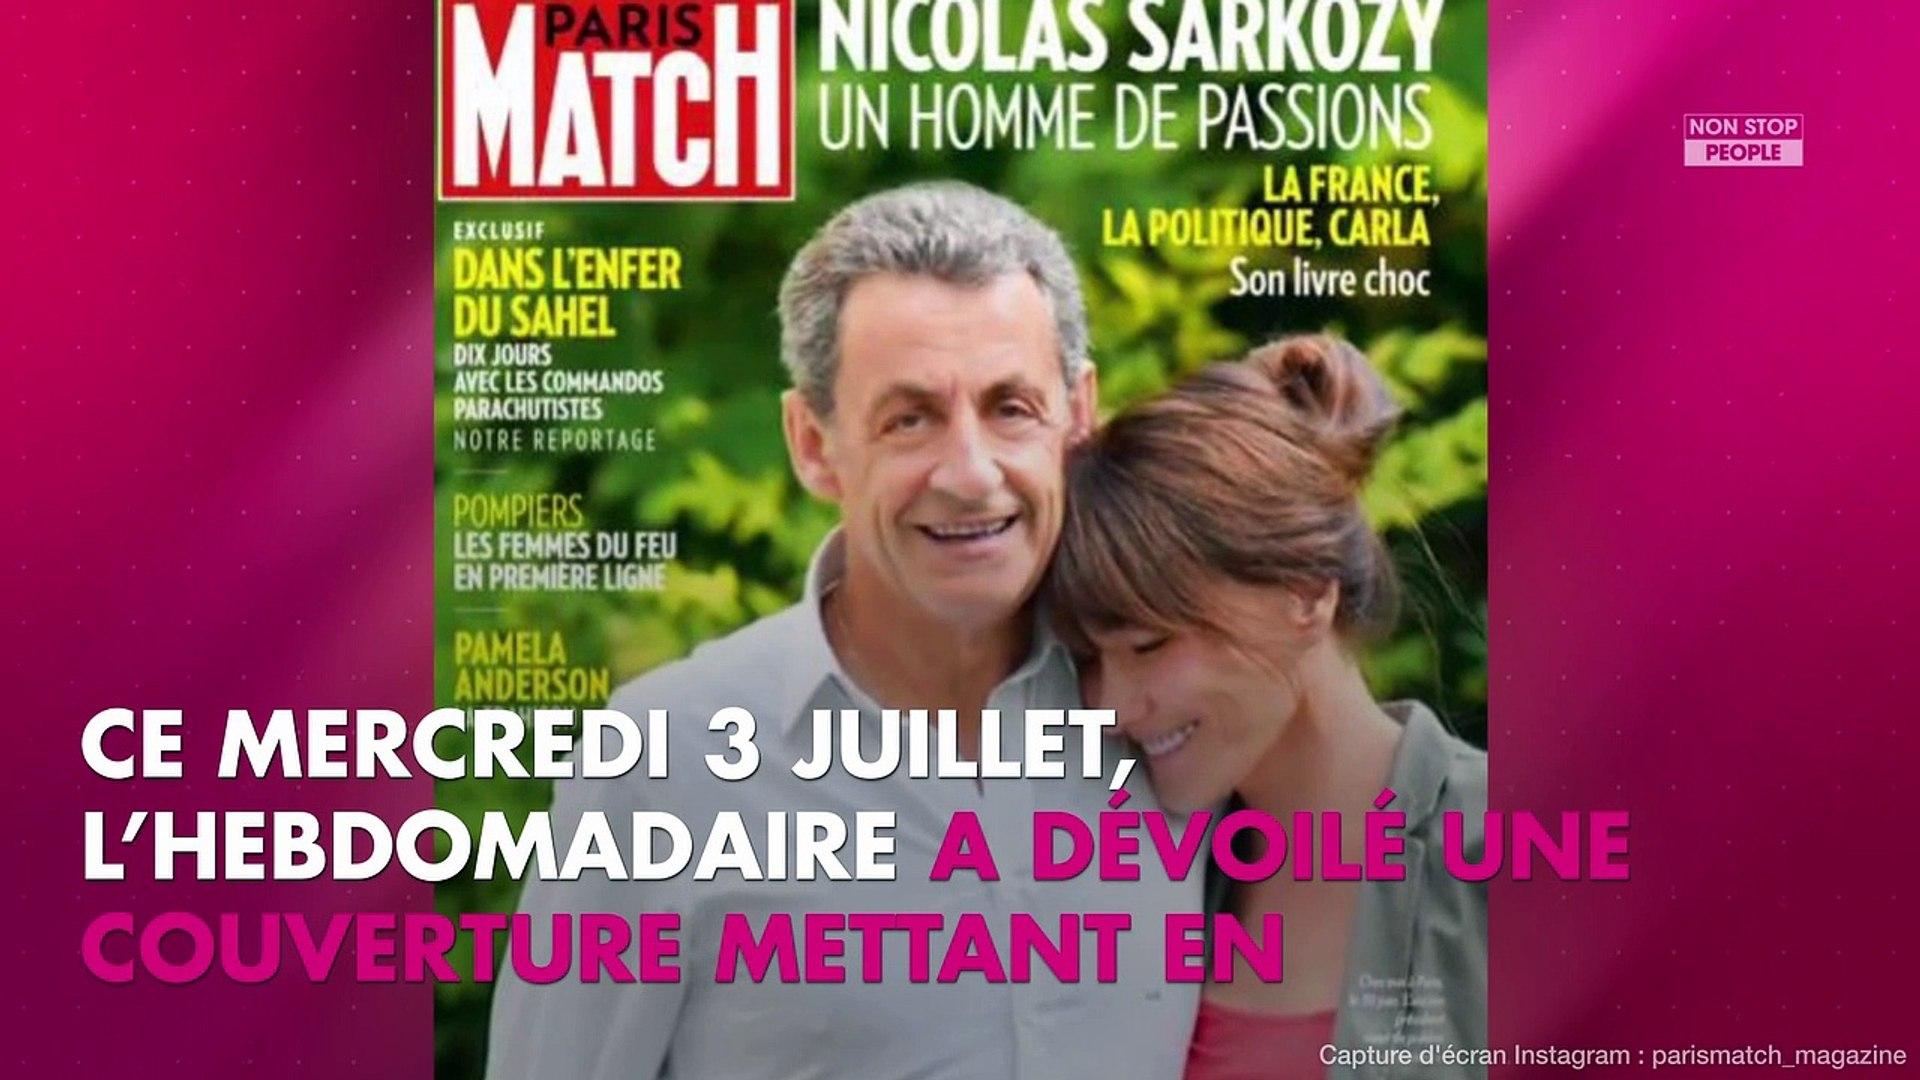 Nicolas Sarkozy Retouche Paris Match Livre Sa Version Des Faits Video Dailymotion